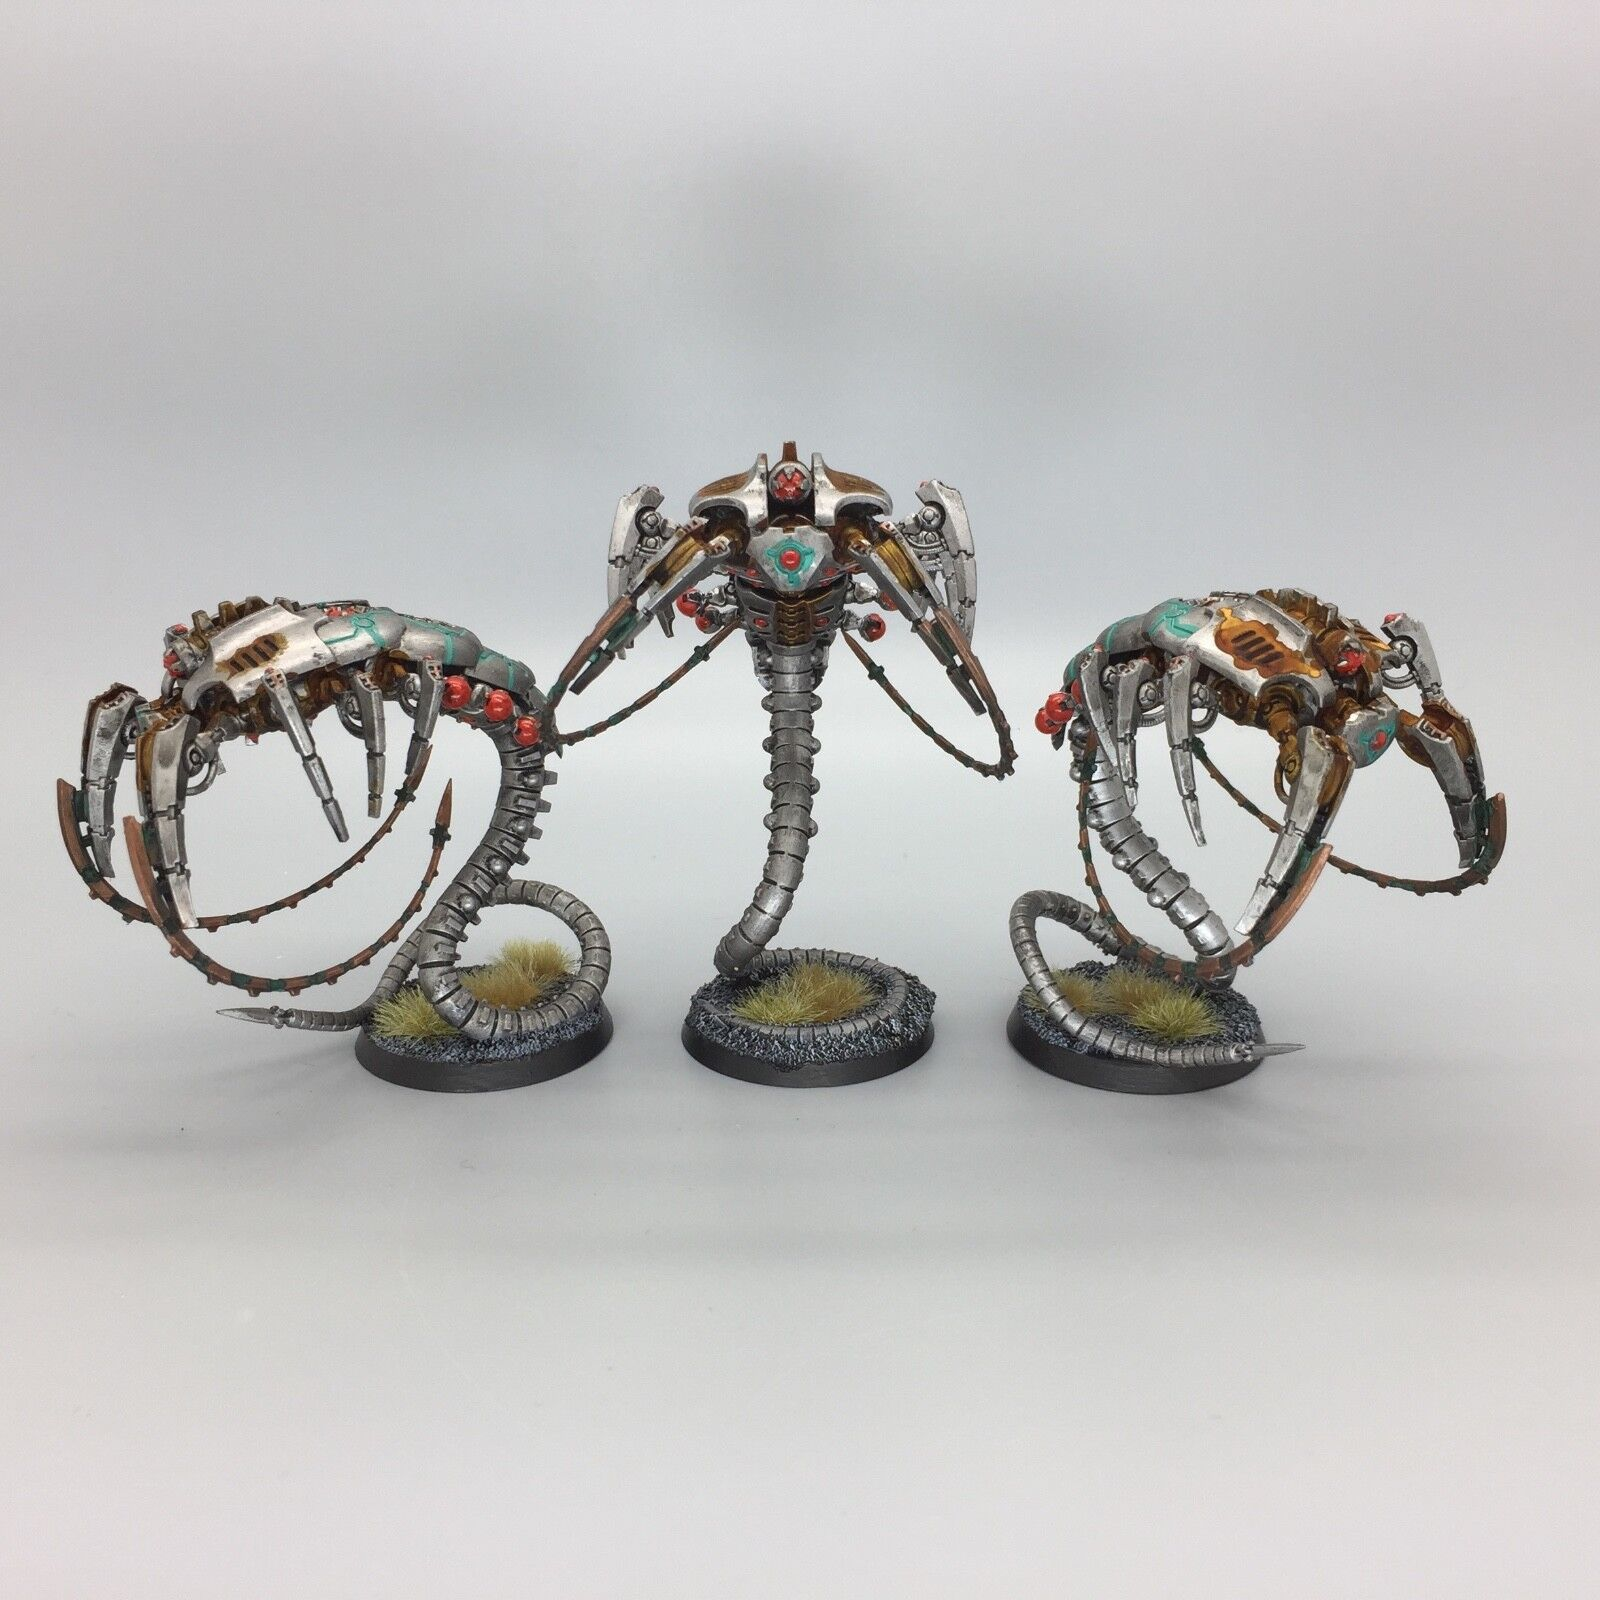 Warhammer 40.000 40k necron unsterblichen canoptek geister gemalt und auf